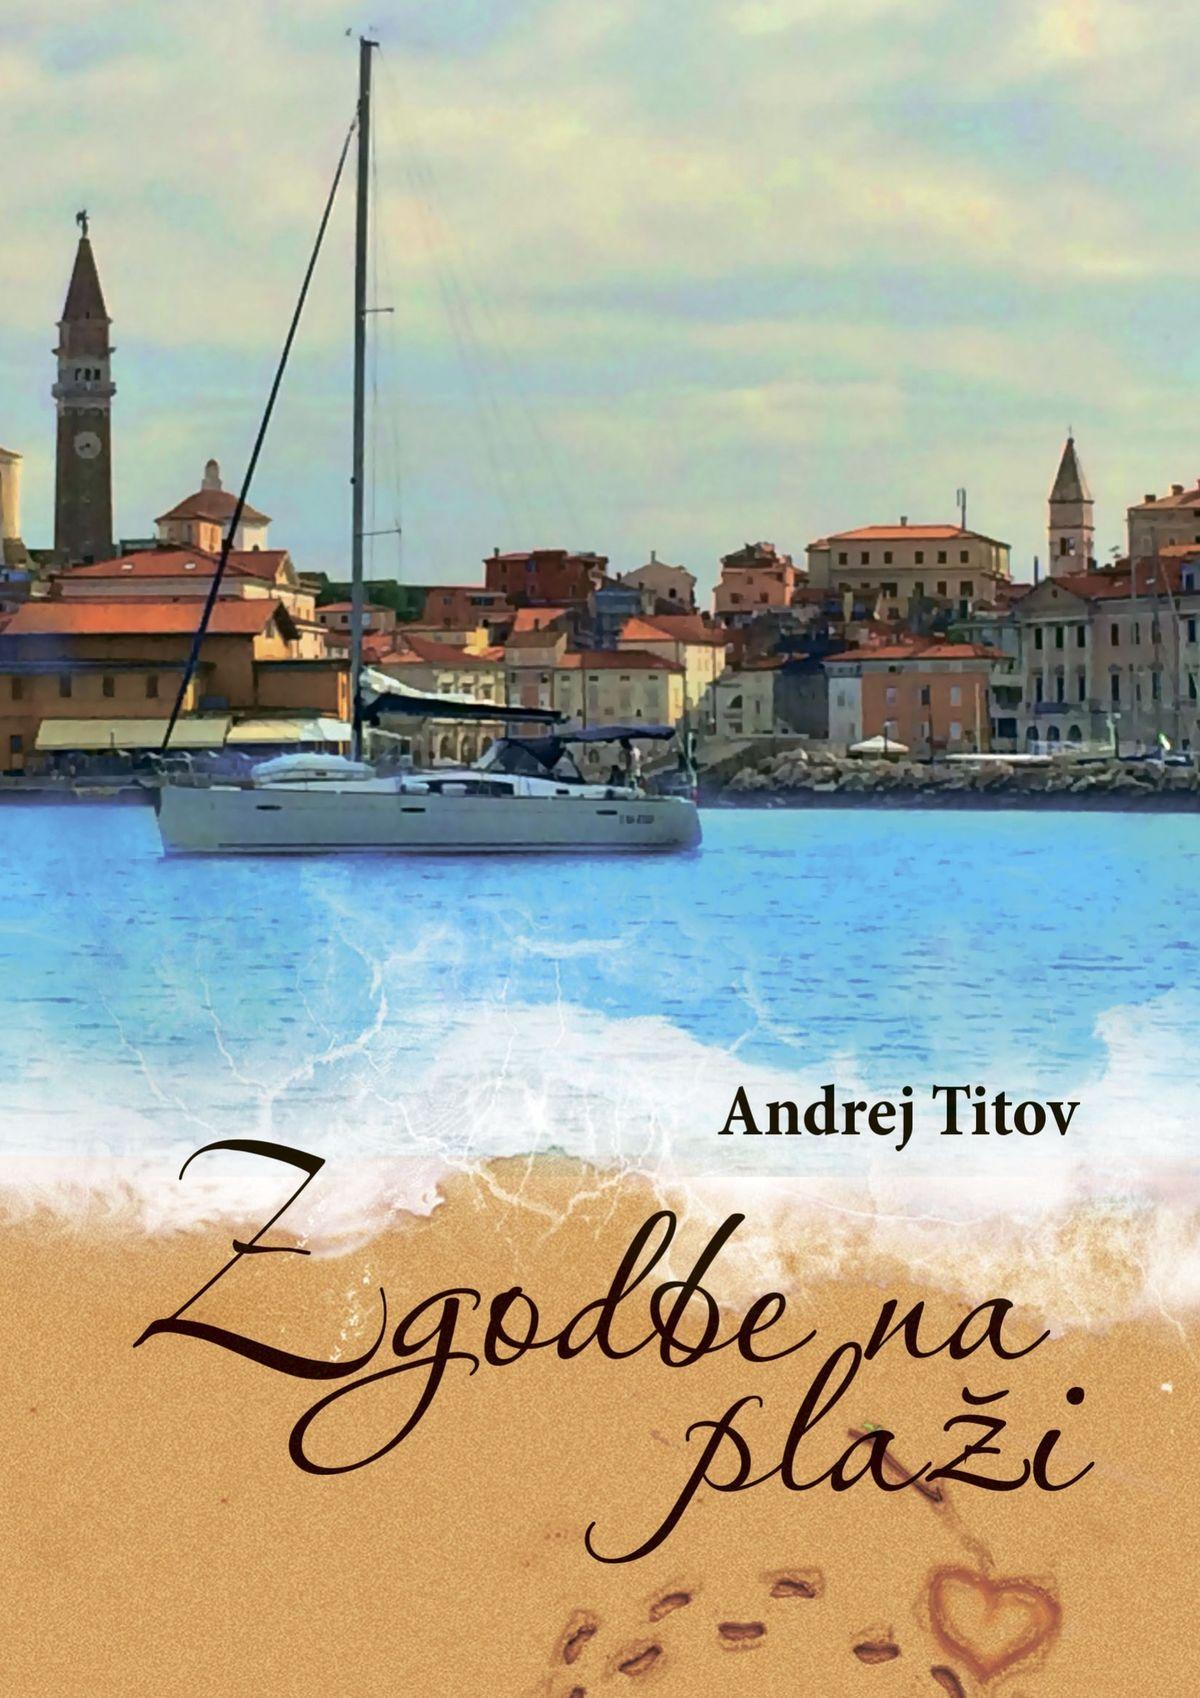 Andrej Titov Zgodbe na plaži turoperatory ne zhdut snizhenija cen na otdyh v turcii